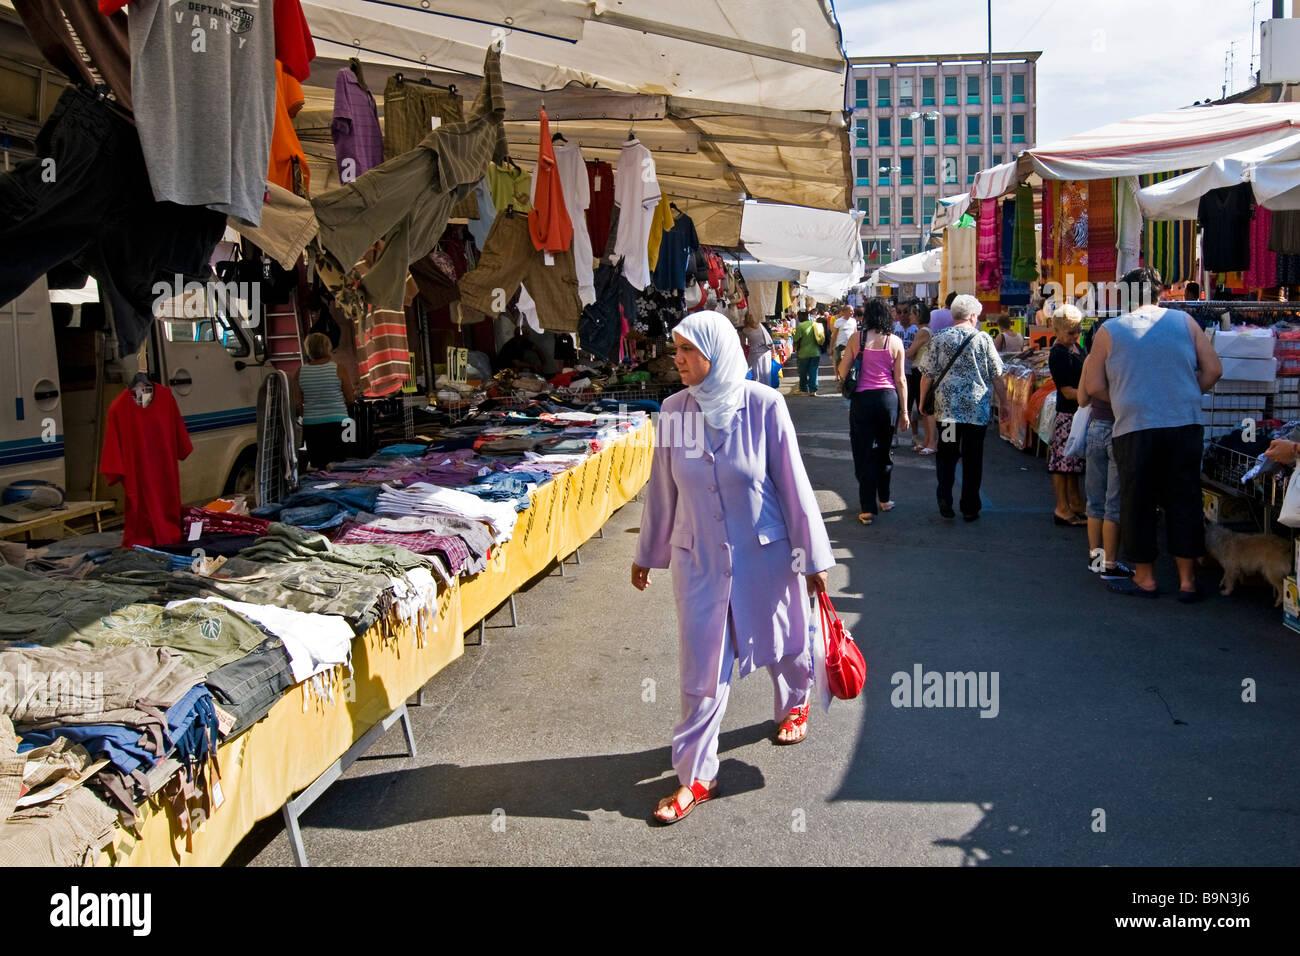 Market friday sassuolo modena italy stock photo royalty free image 23206126 alamy - Sassuolo italia ...